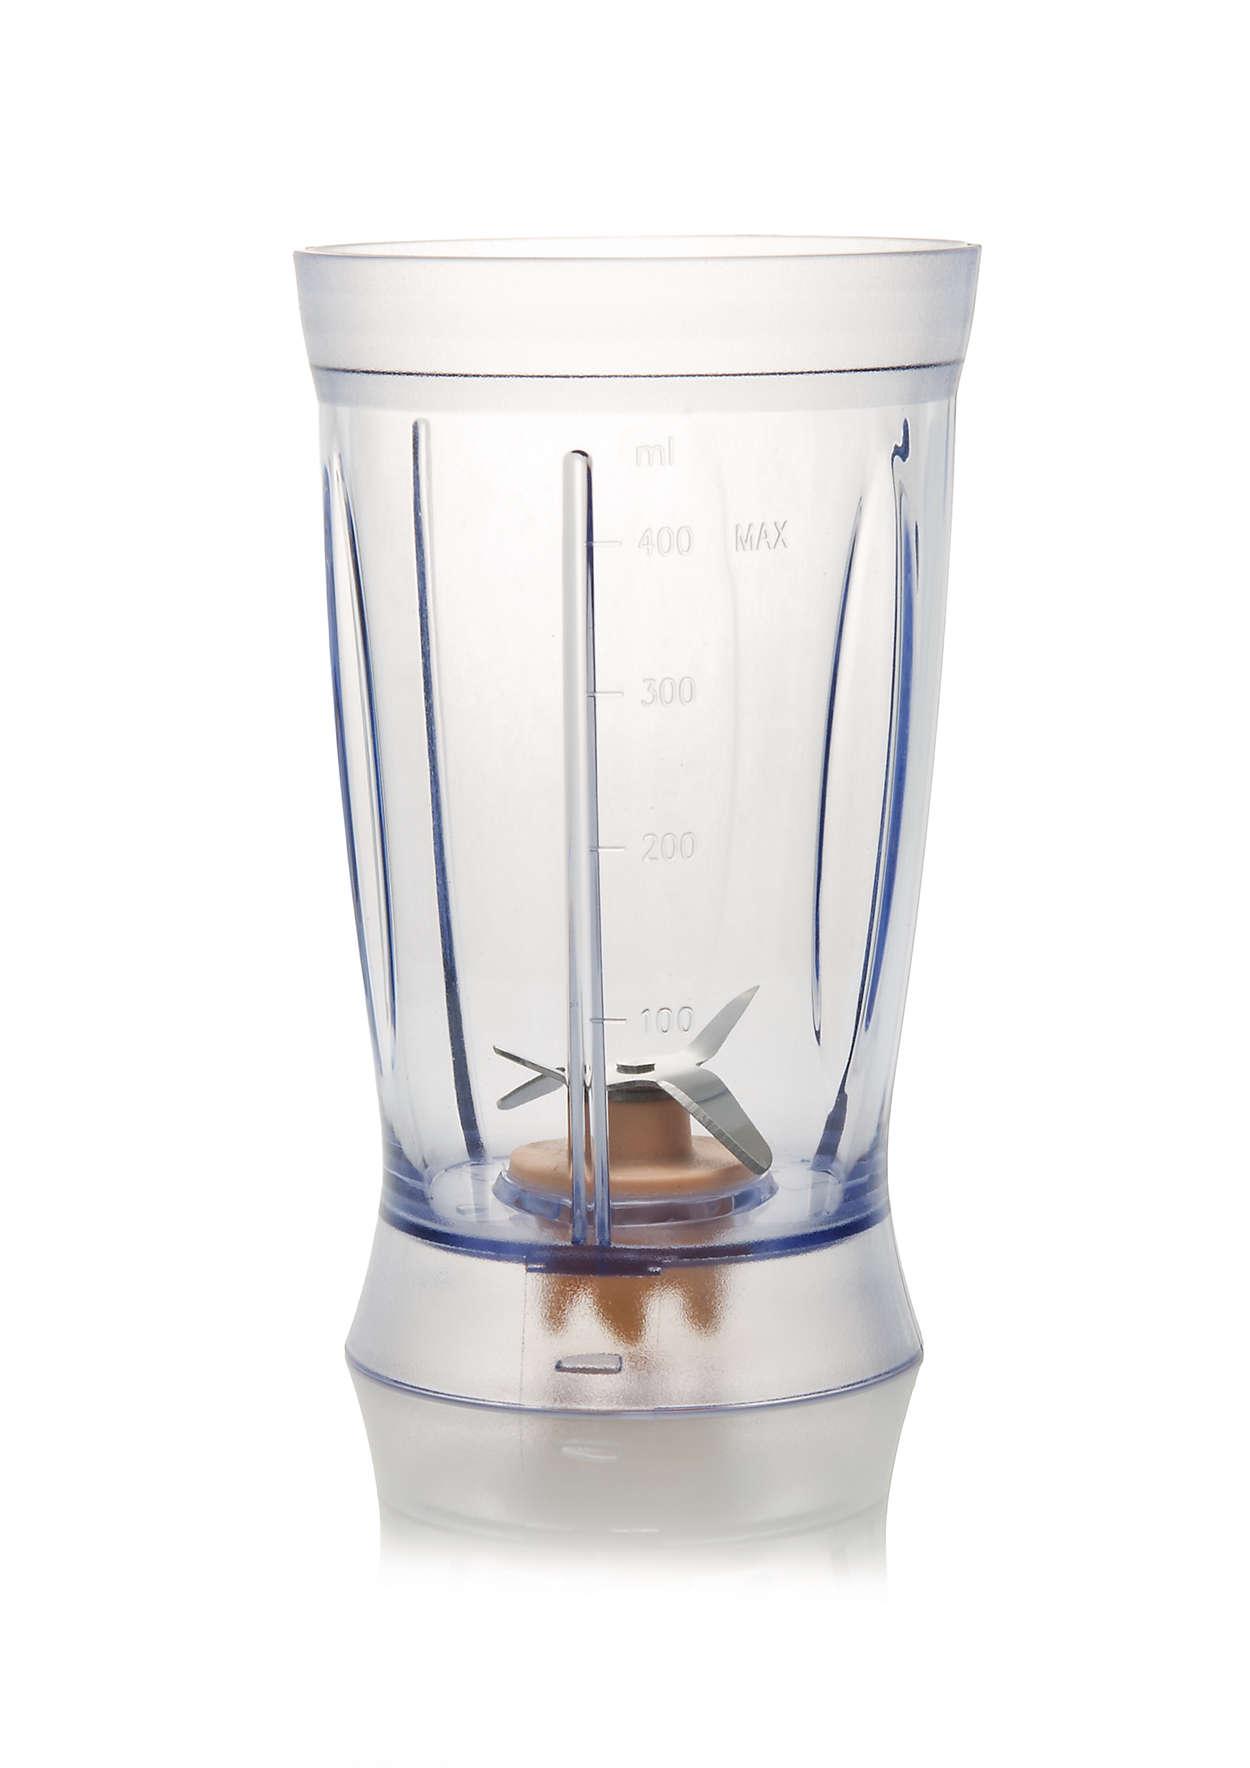 Ersätter befintlig mixerskål.